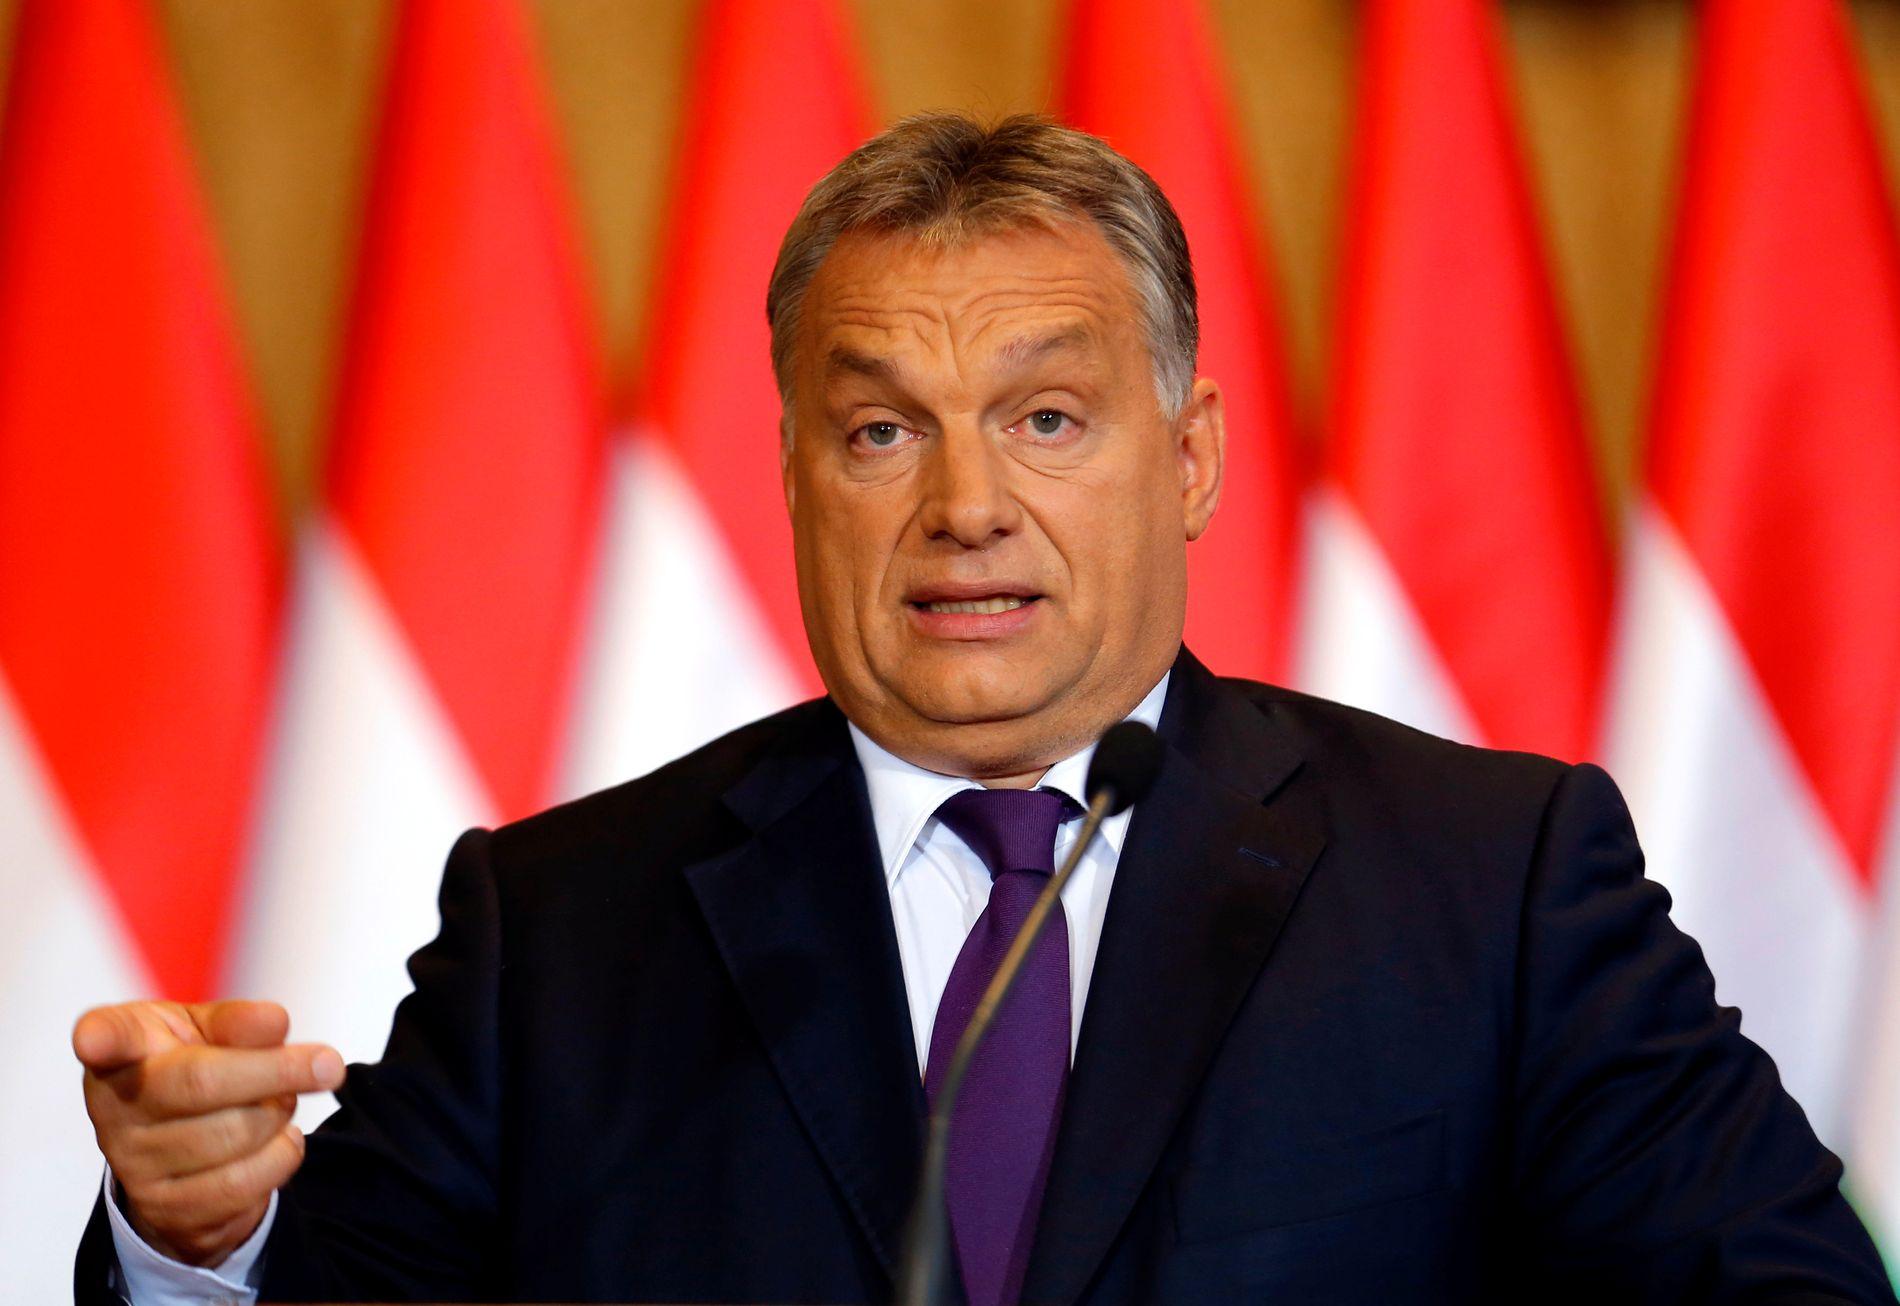 ENDRER SPILLEREGLENE: Selv om folkeavstemningen mor flyktningkvotene ble kjent ugyldig, vil Viktor Orbán endre loven for å gjøre det vanskeligere for EU å bosette flyktninger i Ungarn. Foto: Lazslo Balogh/ Reuters